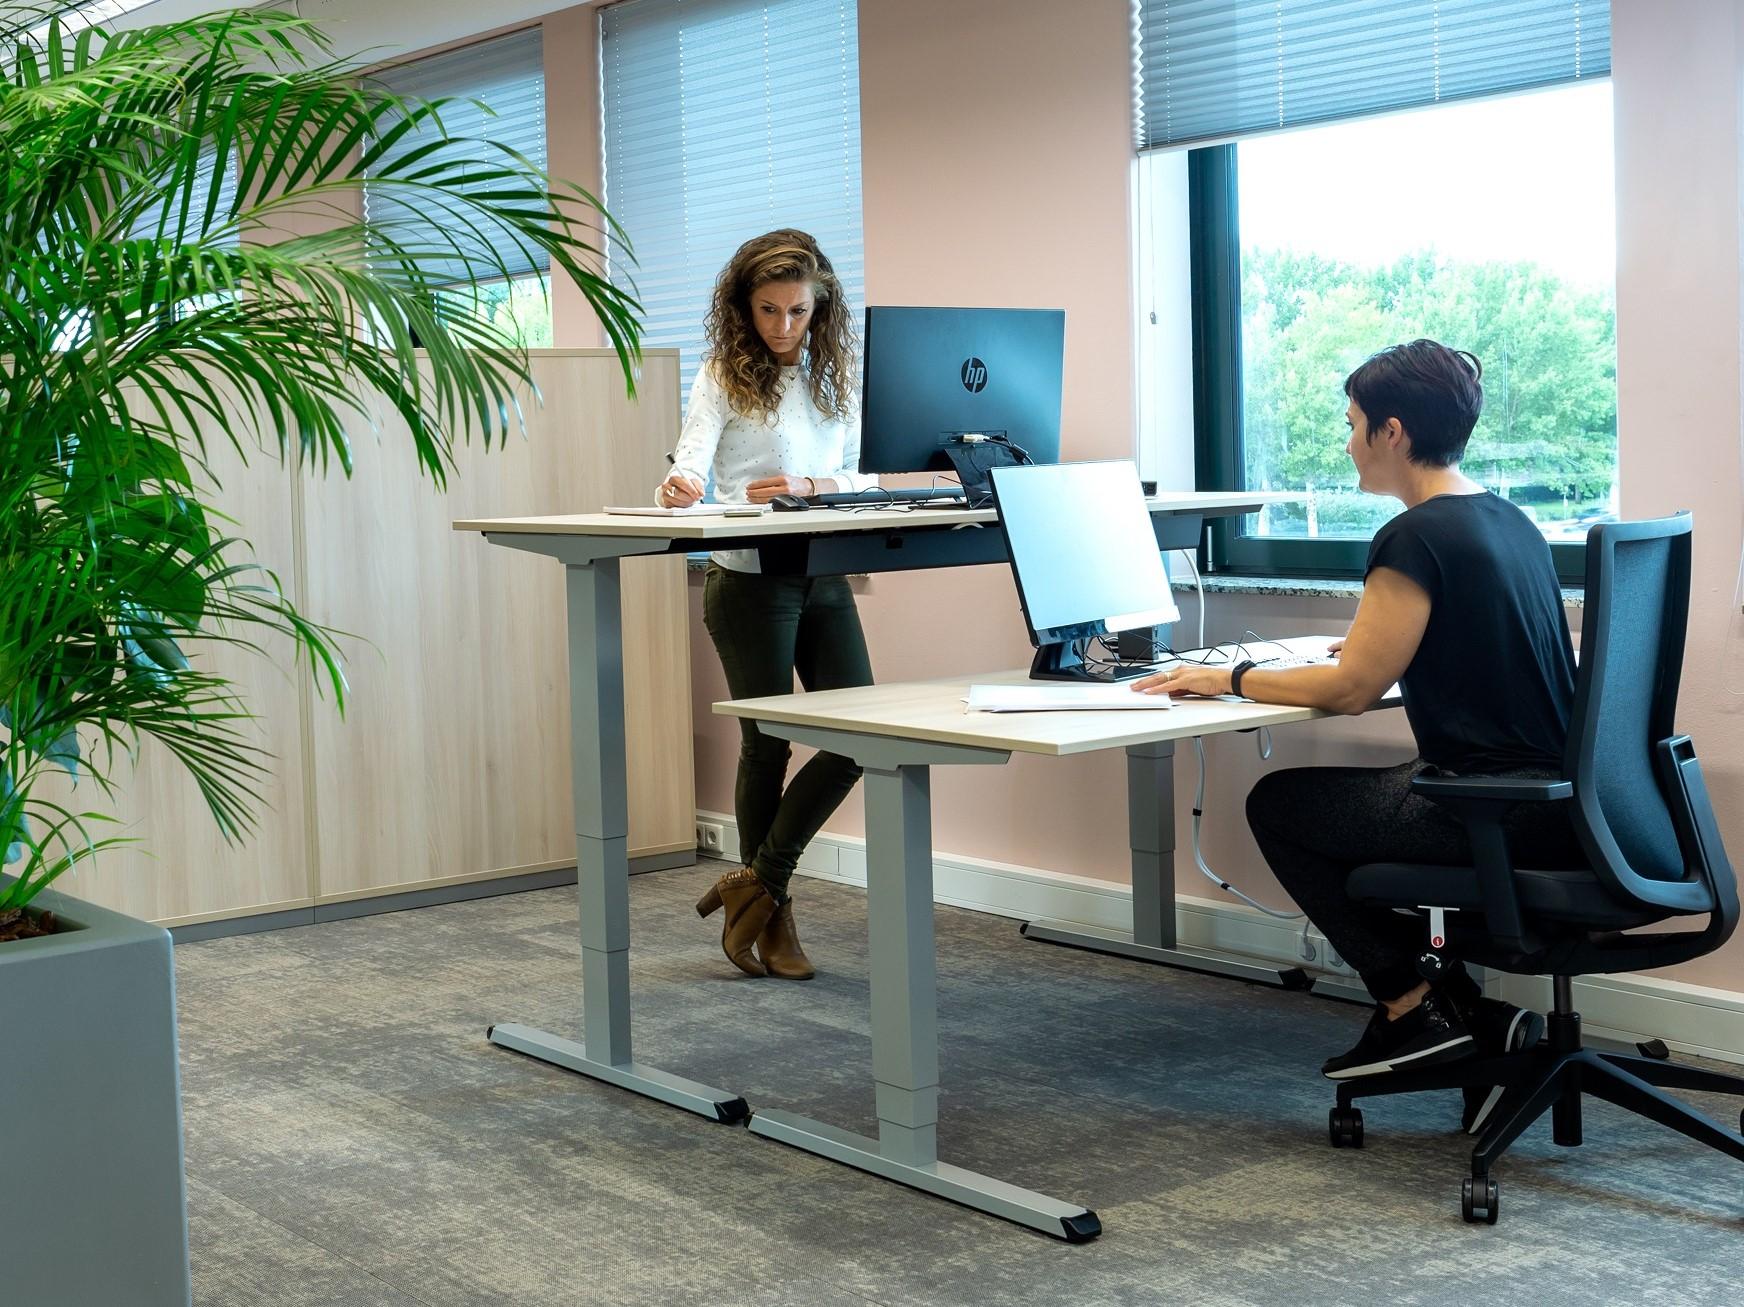 jeugdzorg ergonomische werkplek Heering Office Den Haag